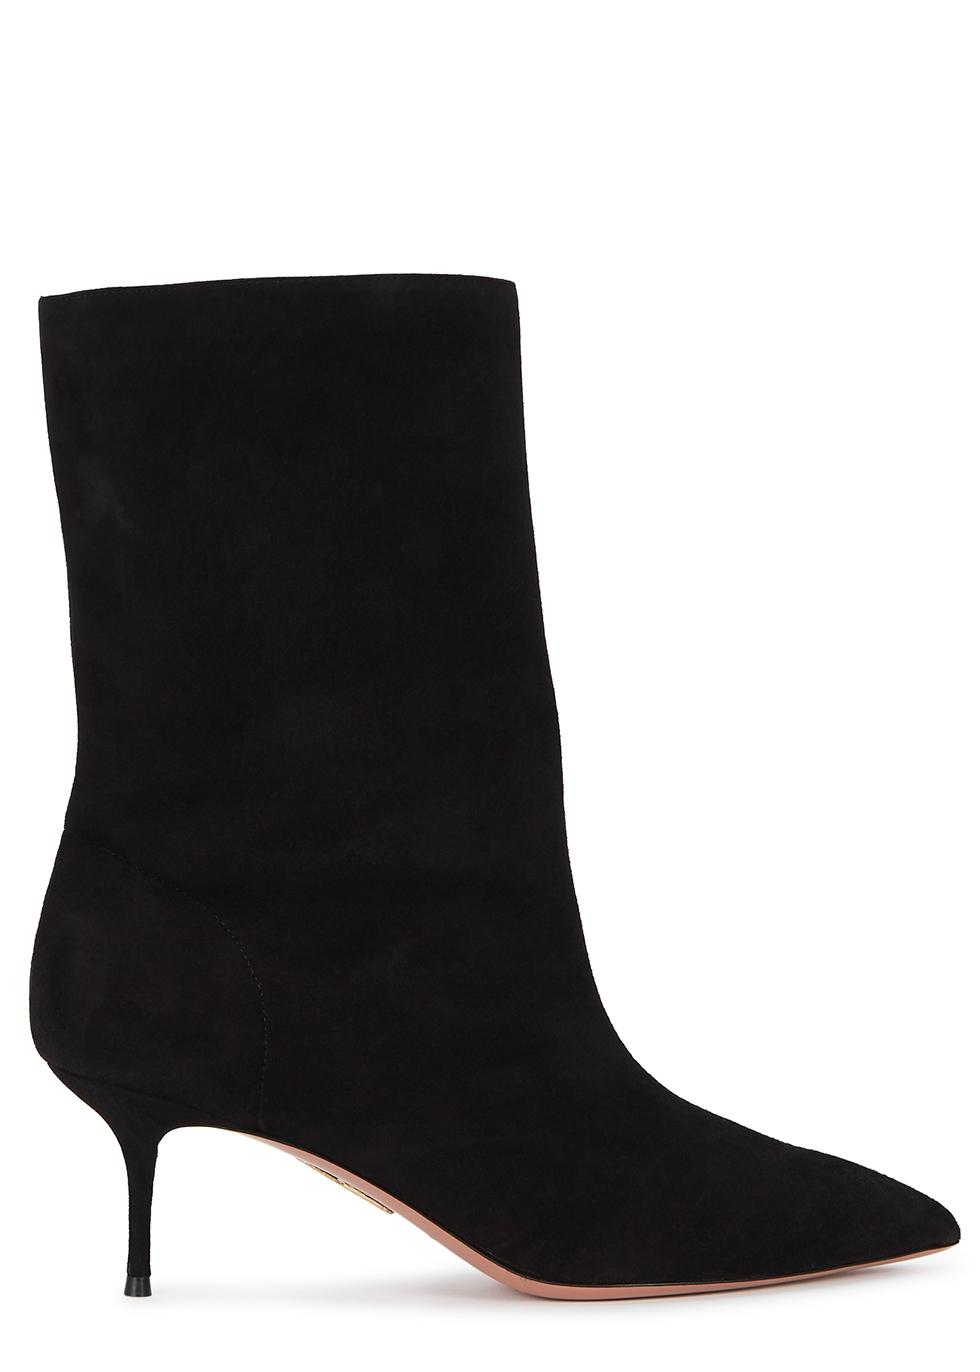 65975ef02e8c Aquazzura Shoes, Boots, Sandals, Heels - Harvey Nichols